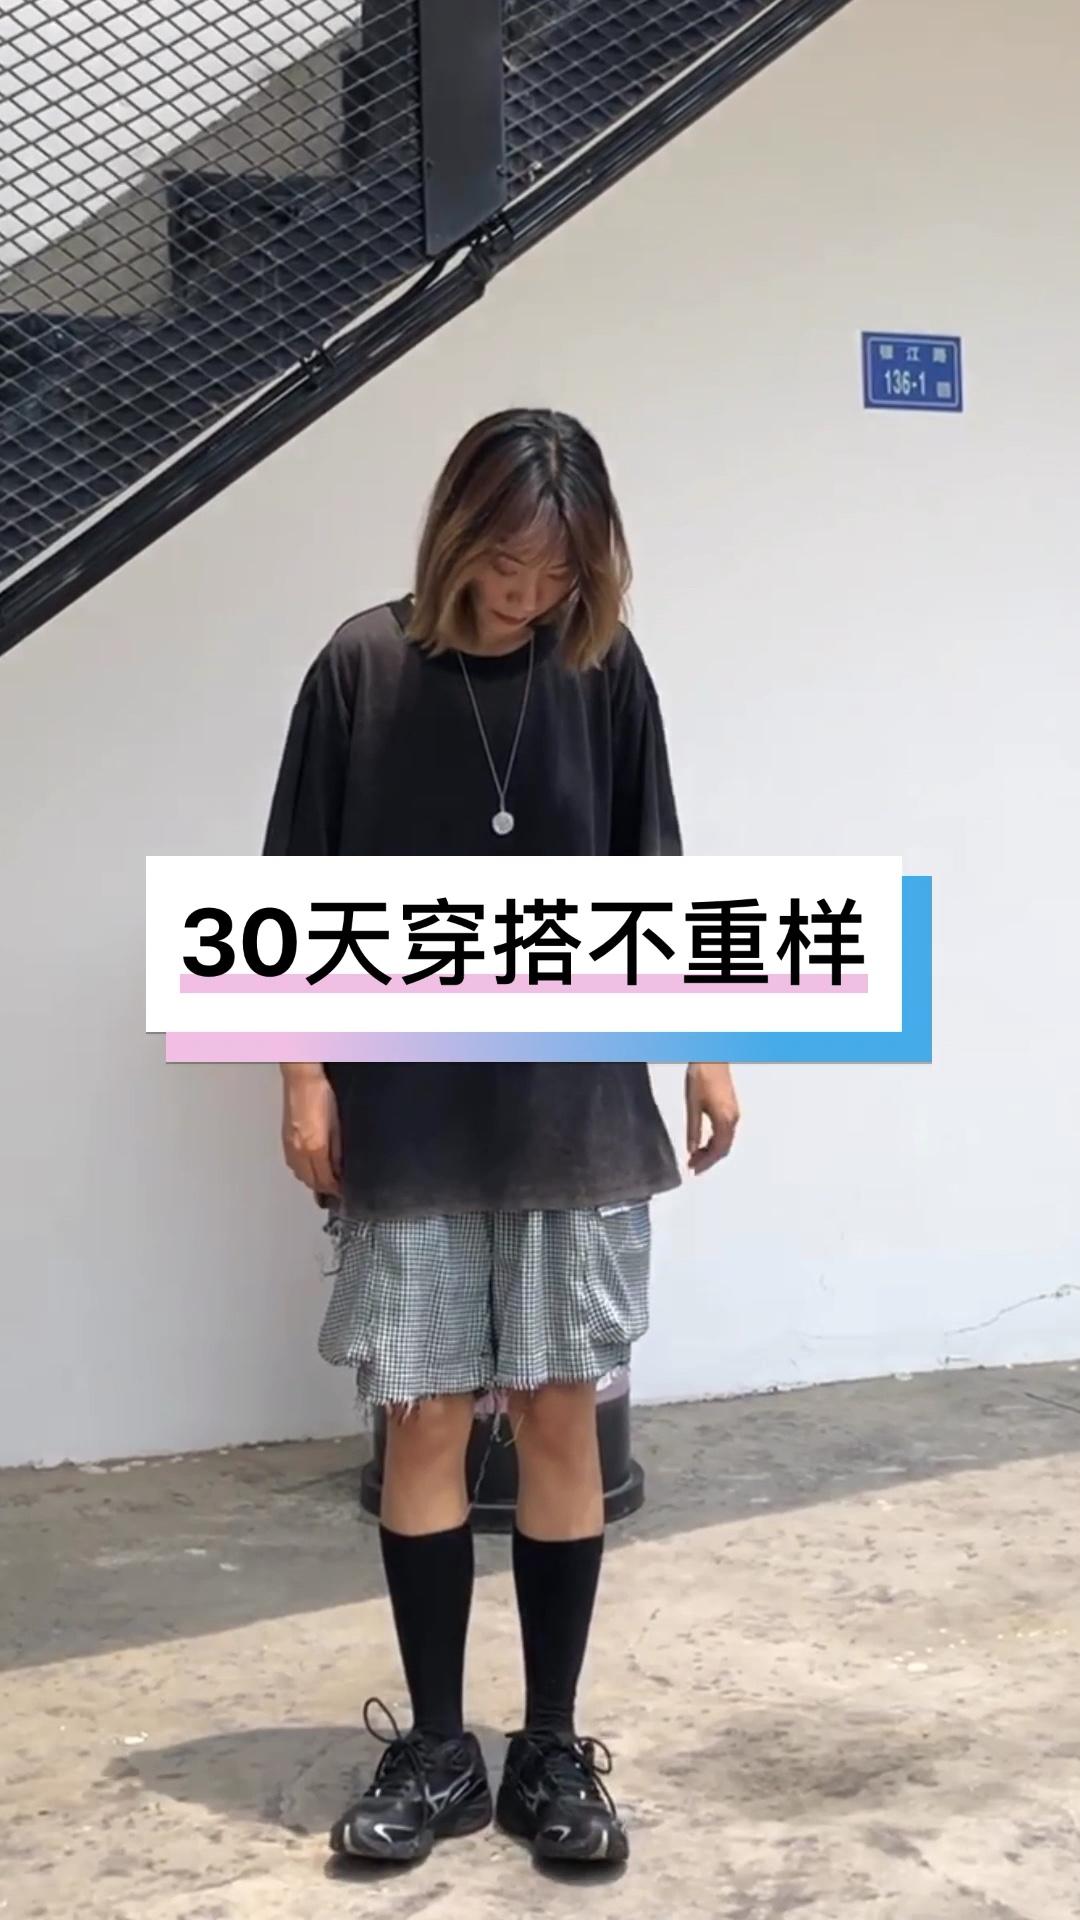 #618一天入手,30天穿搭不重样!# 买买买真是女孩子的共性!不过买多少都不算多👌 夏天就简简单单T恤配短裤 干净又清爽